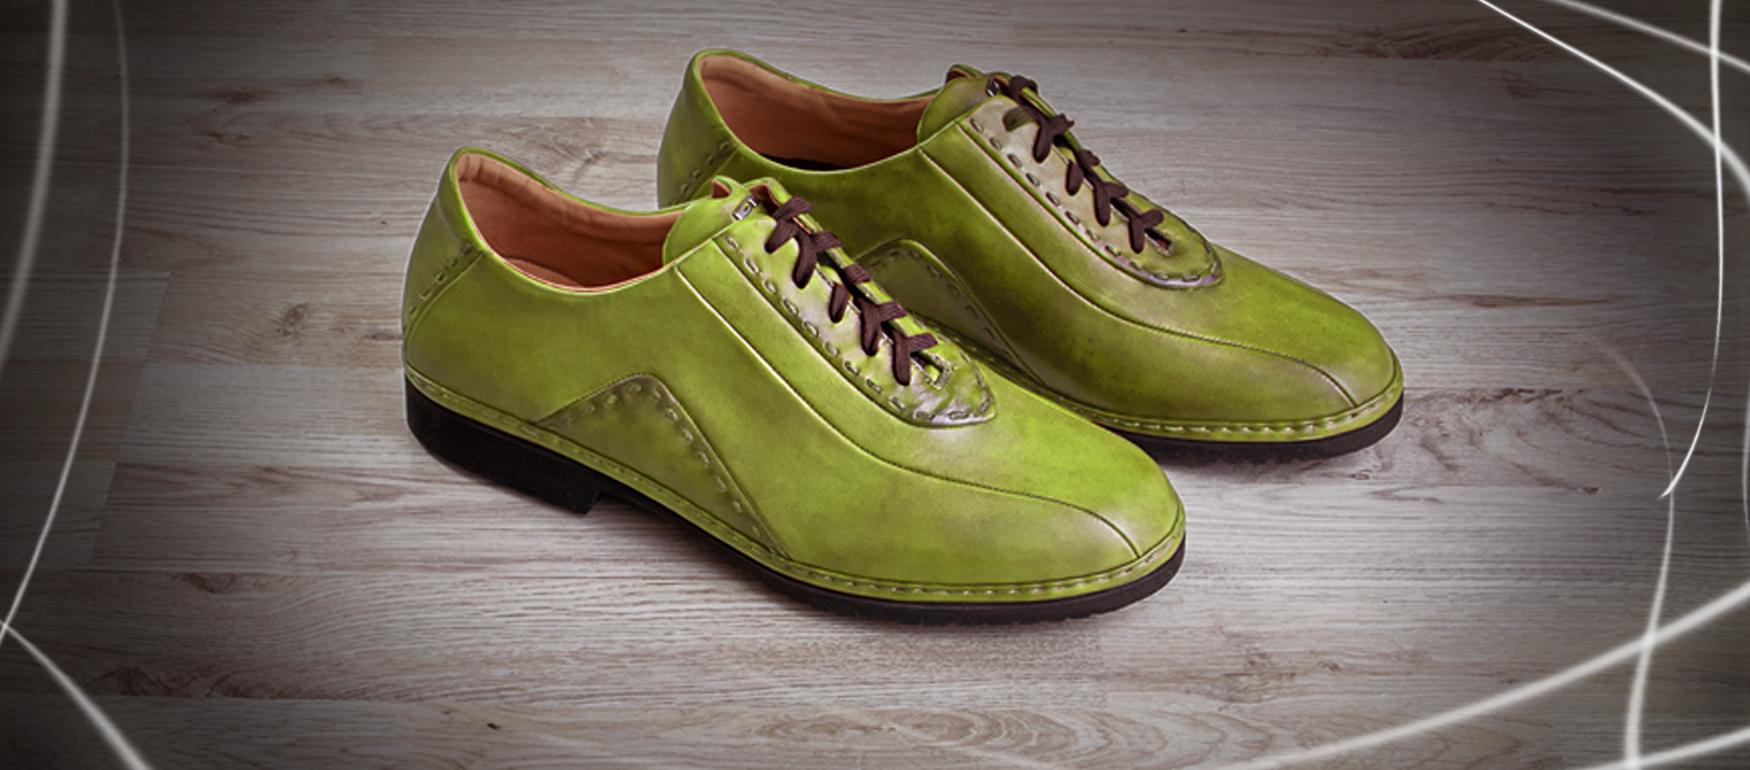 BOLGHERI derby shoe